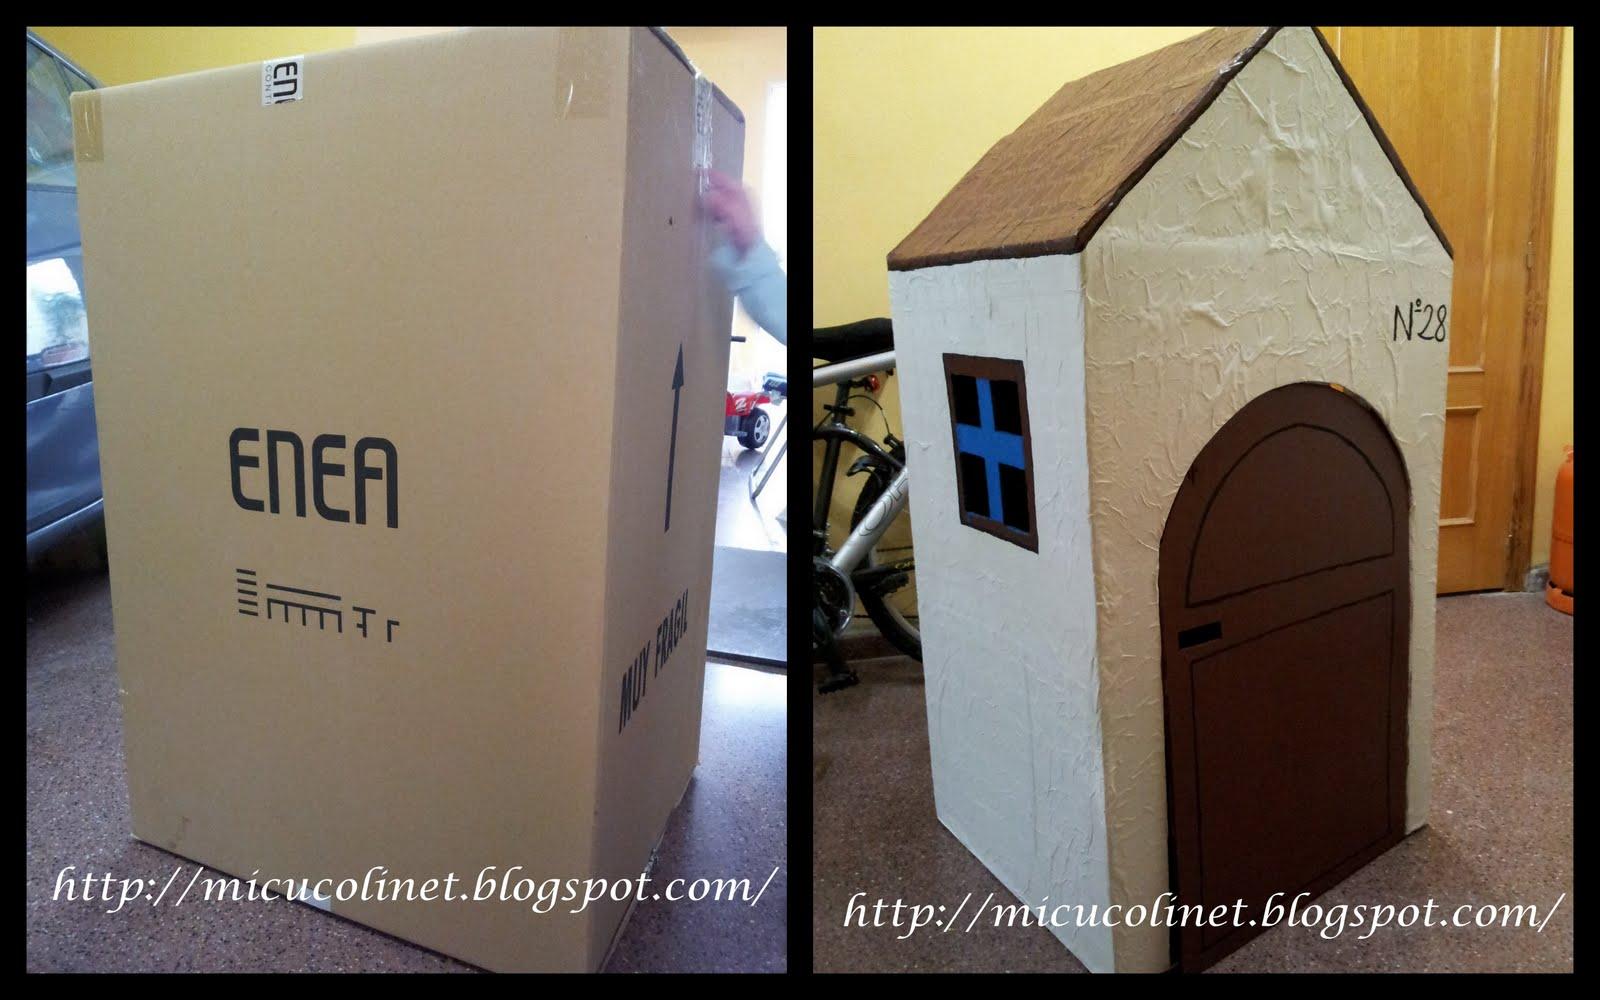 Mi cucolinet casa de juegos de una caja de cart n - Como hacer una caja con carton ...